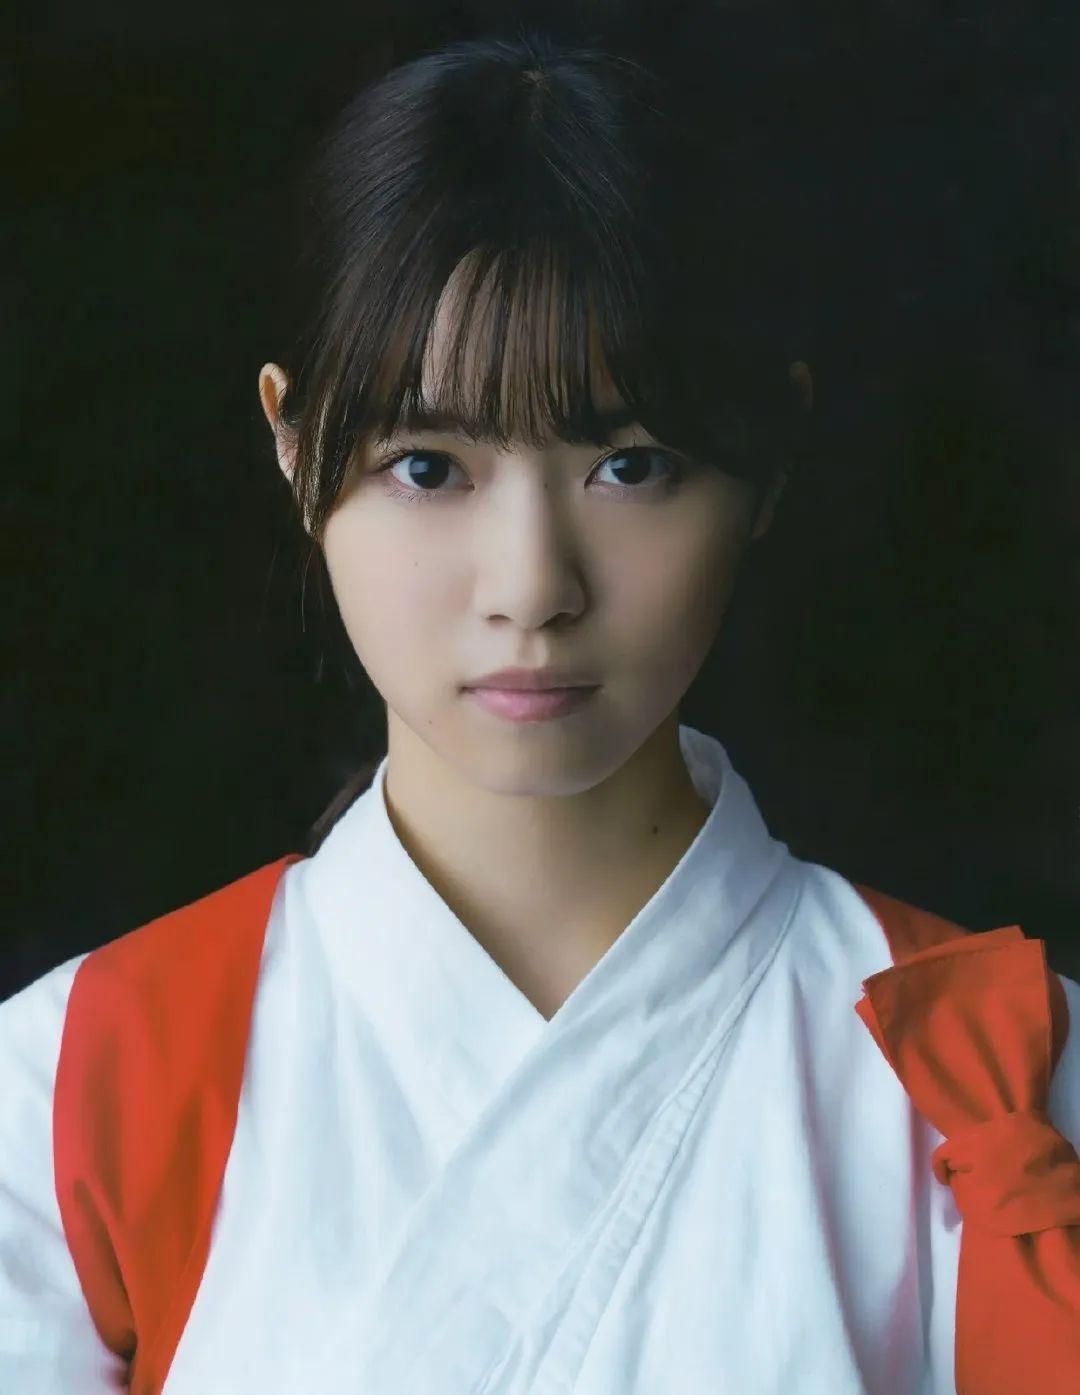 写真 – 刚出道的西野七濑和现在对比一下,漂亮是这样炼成的_图片 No.7